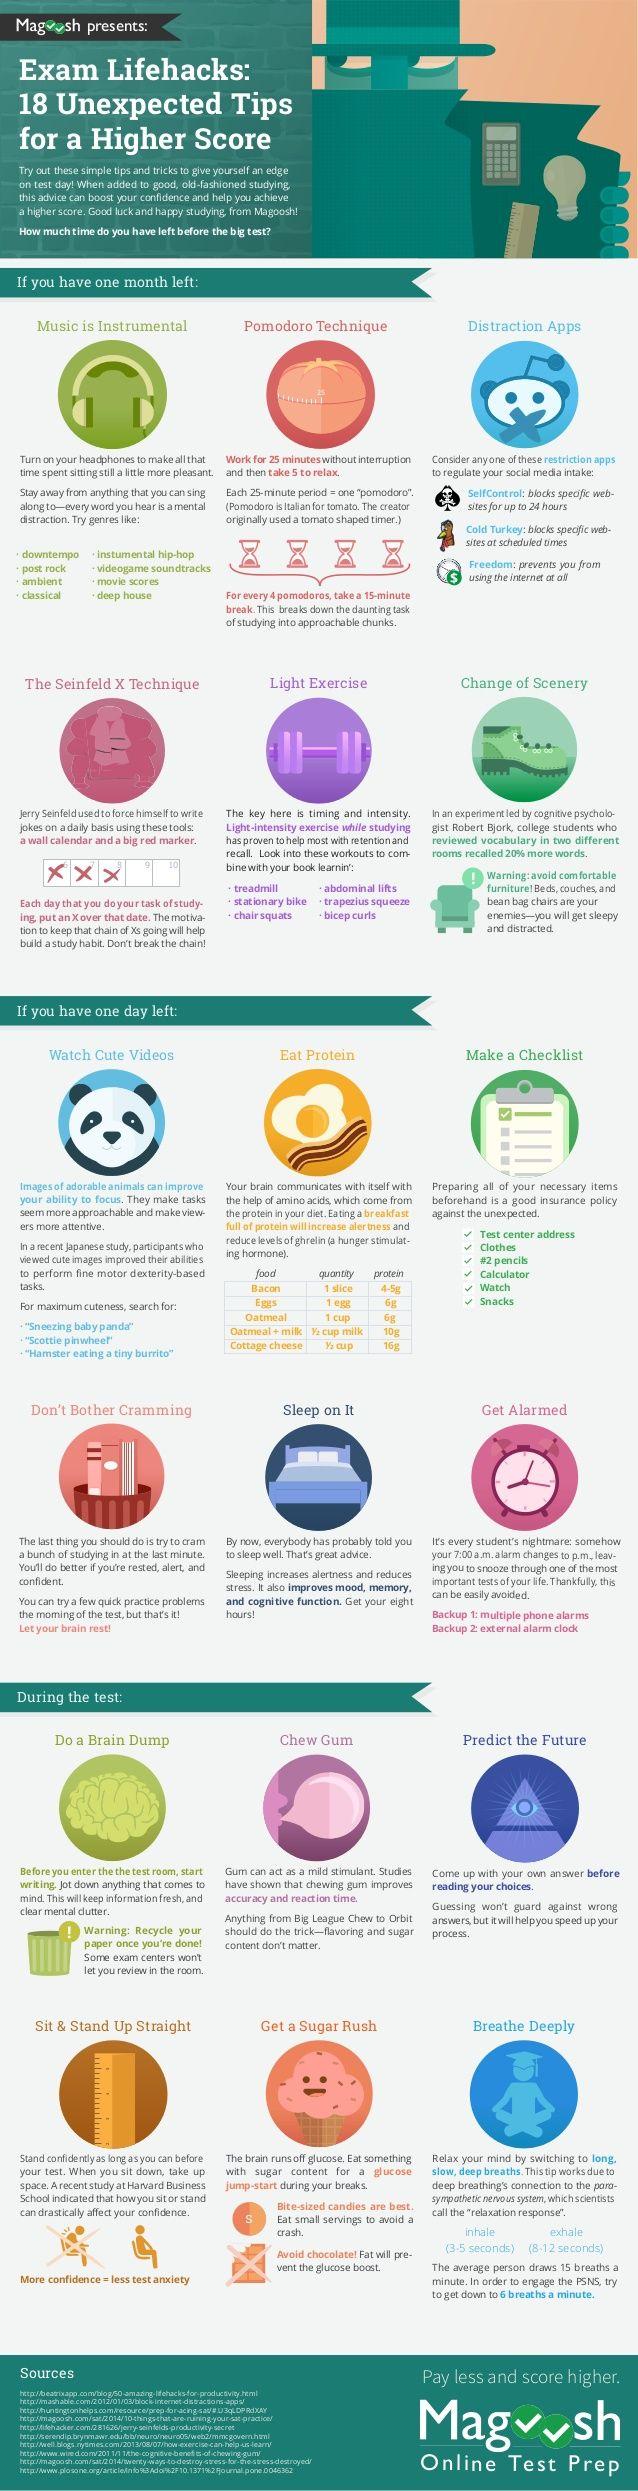 Exam Lifehacks Infographic